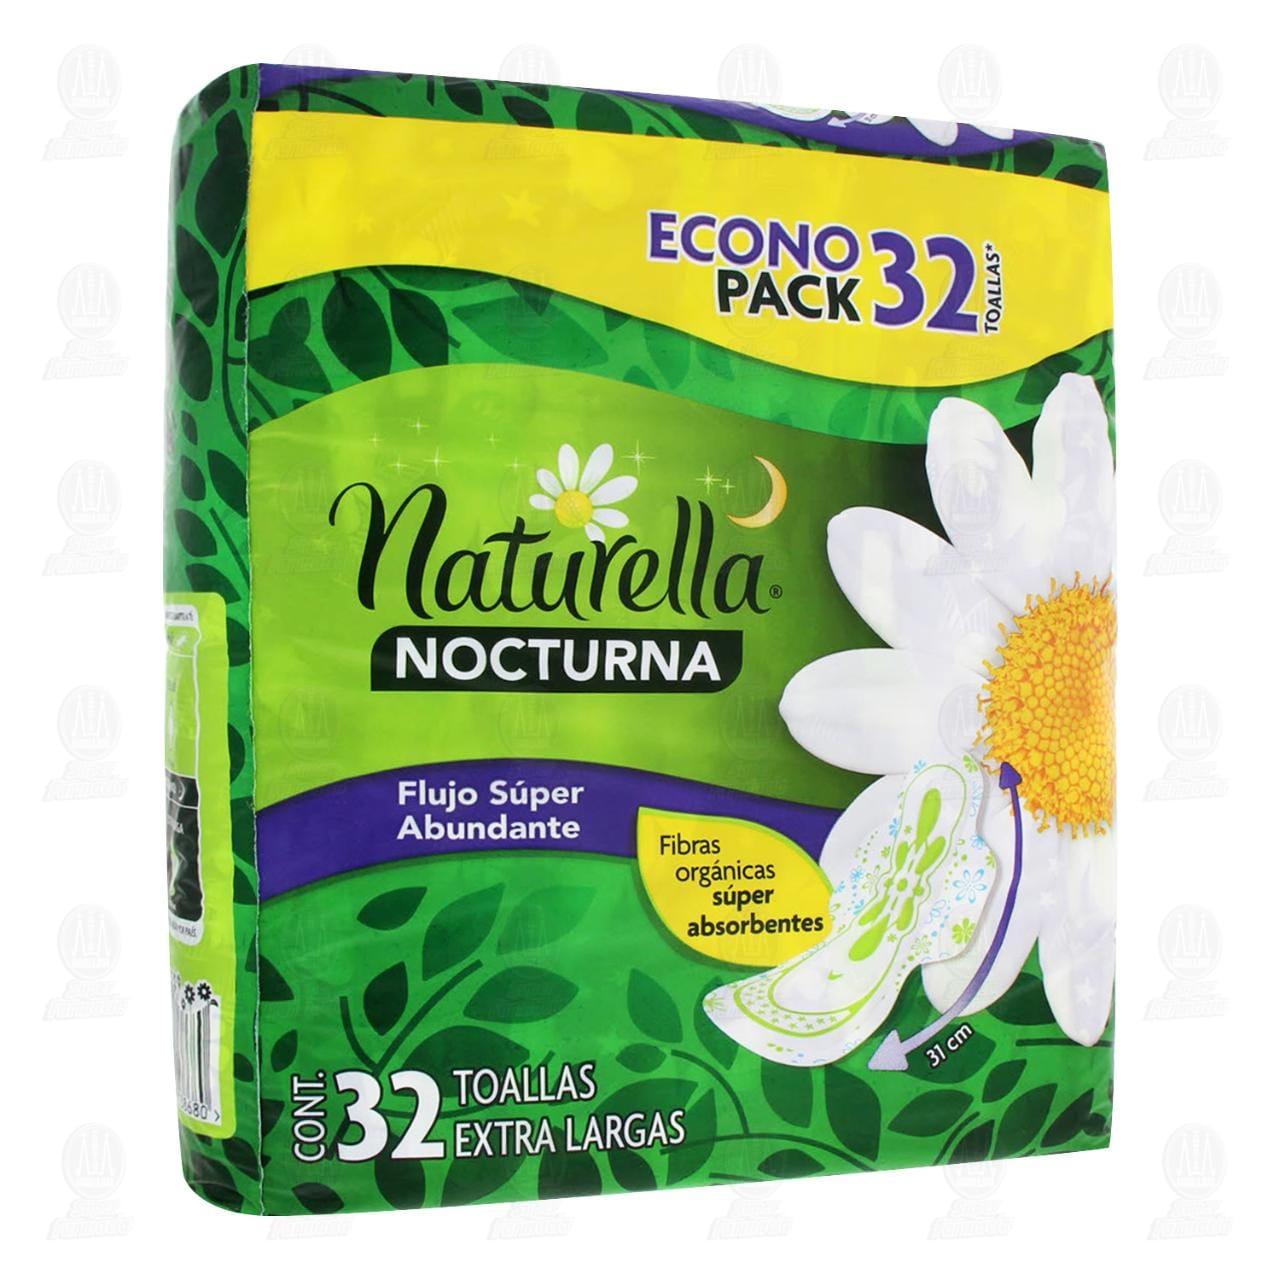 Comprar Toallas Nocturna Extra Larga Naturella Cuidado Nocturno, 32 pzas. en Farmacias Guadalajara